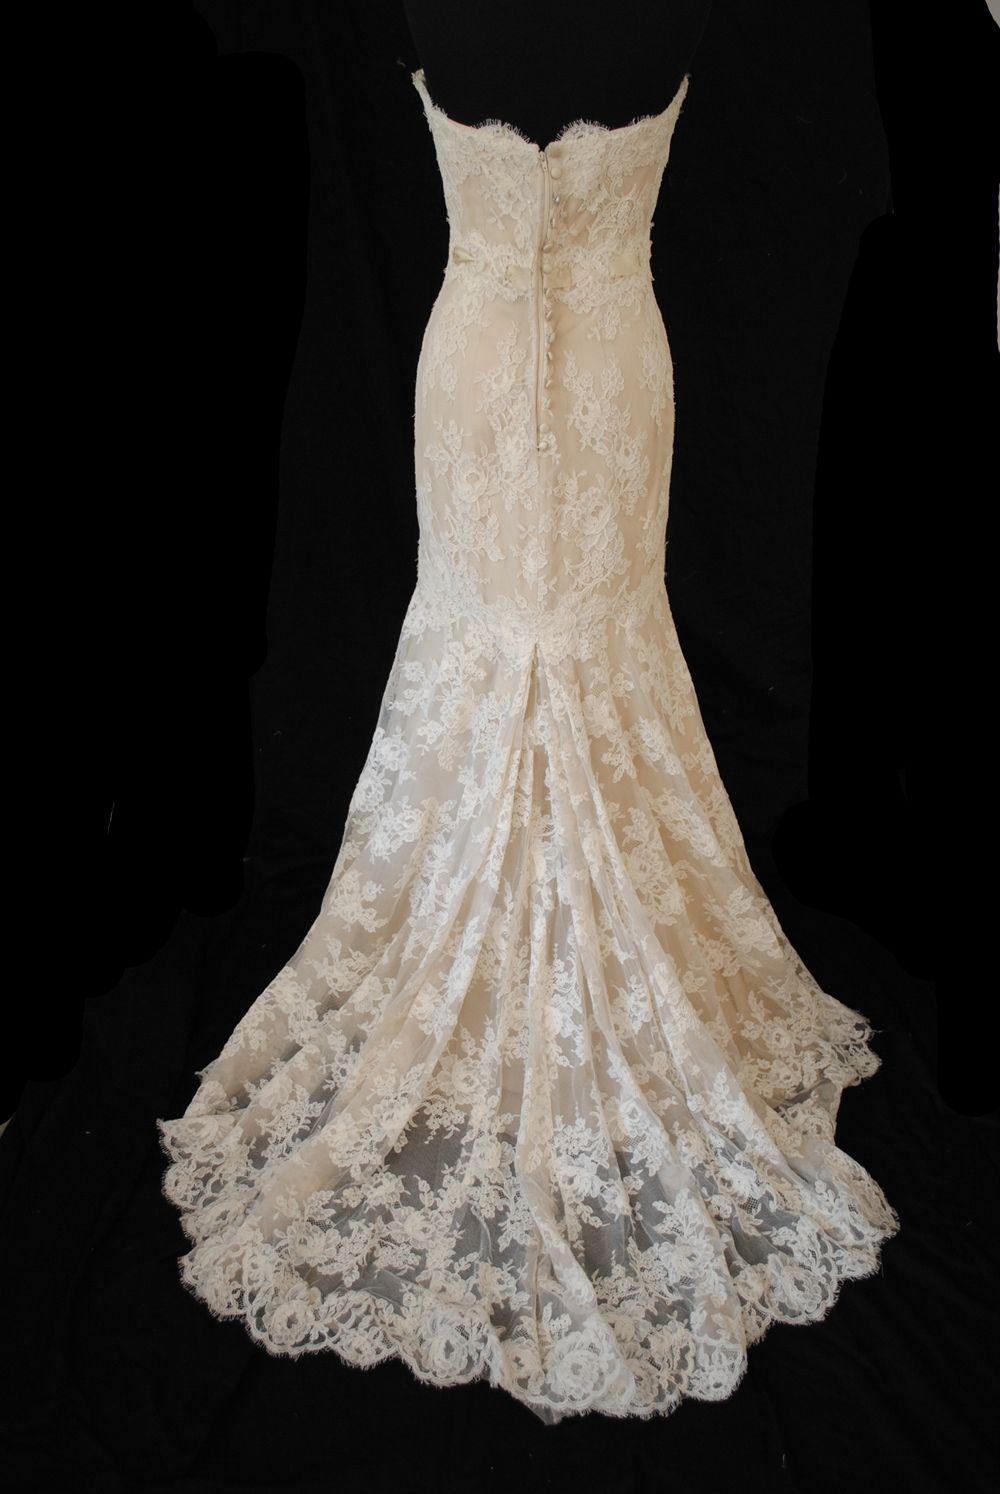 Monique Lhuillier Amelie Size 5 Wedding Dress